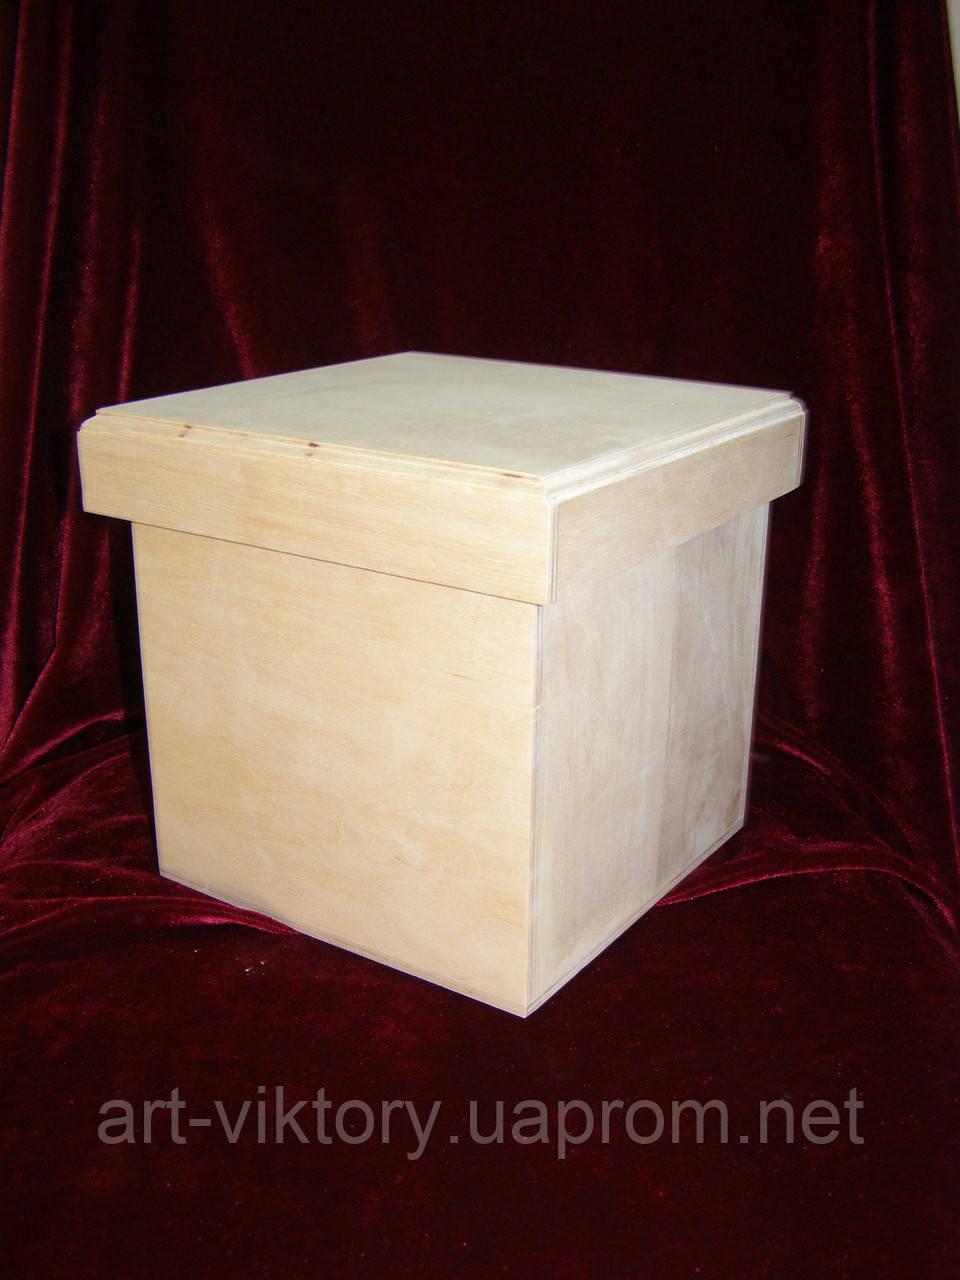 Короб квадратный с крышкой (17 х 17 х 17 см)